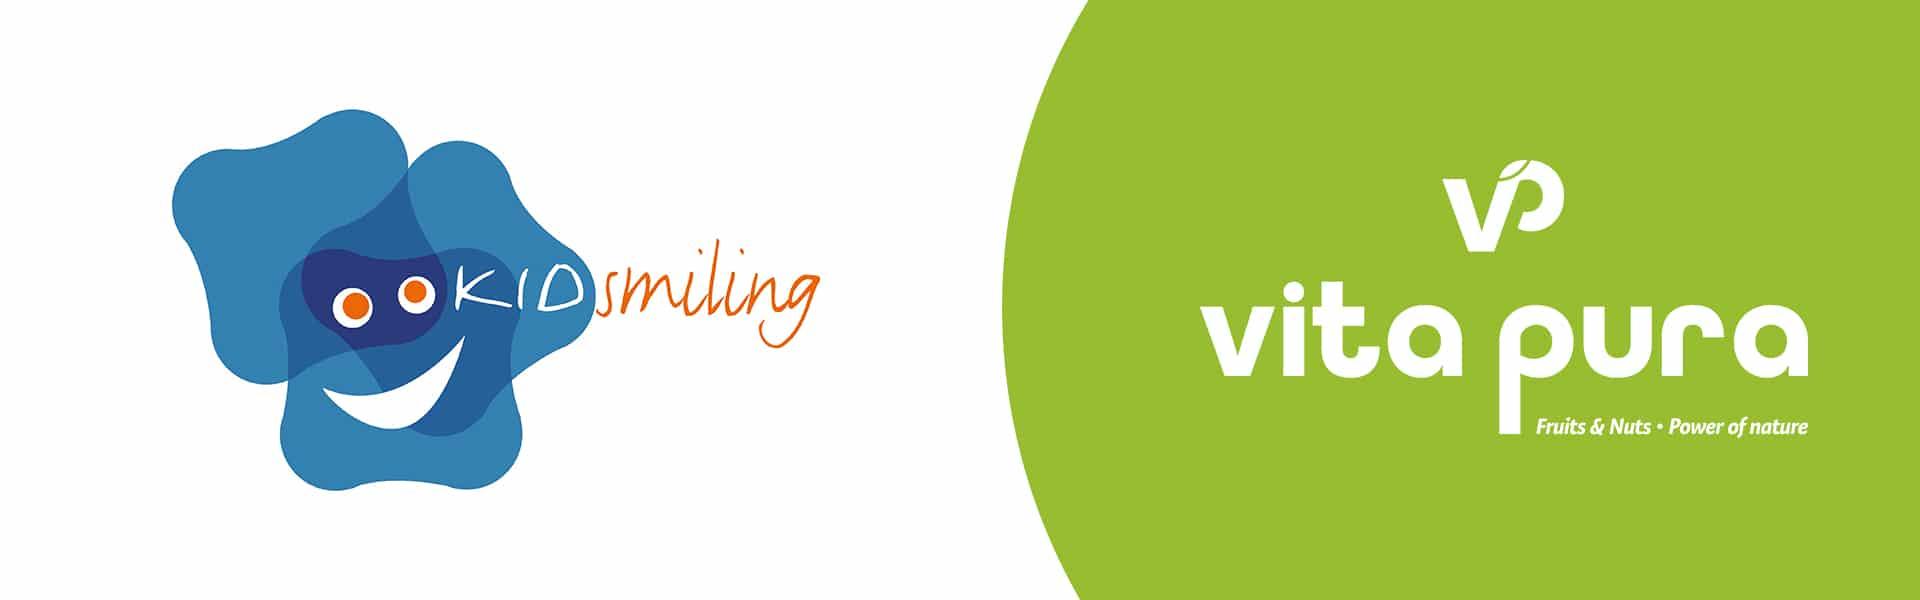 Kidssmiling x VitaPura GmbH